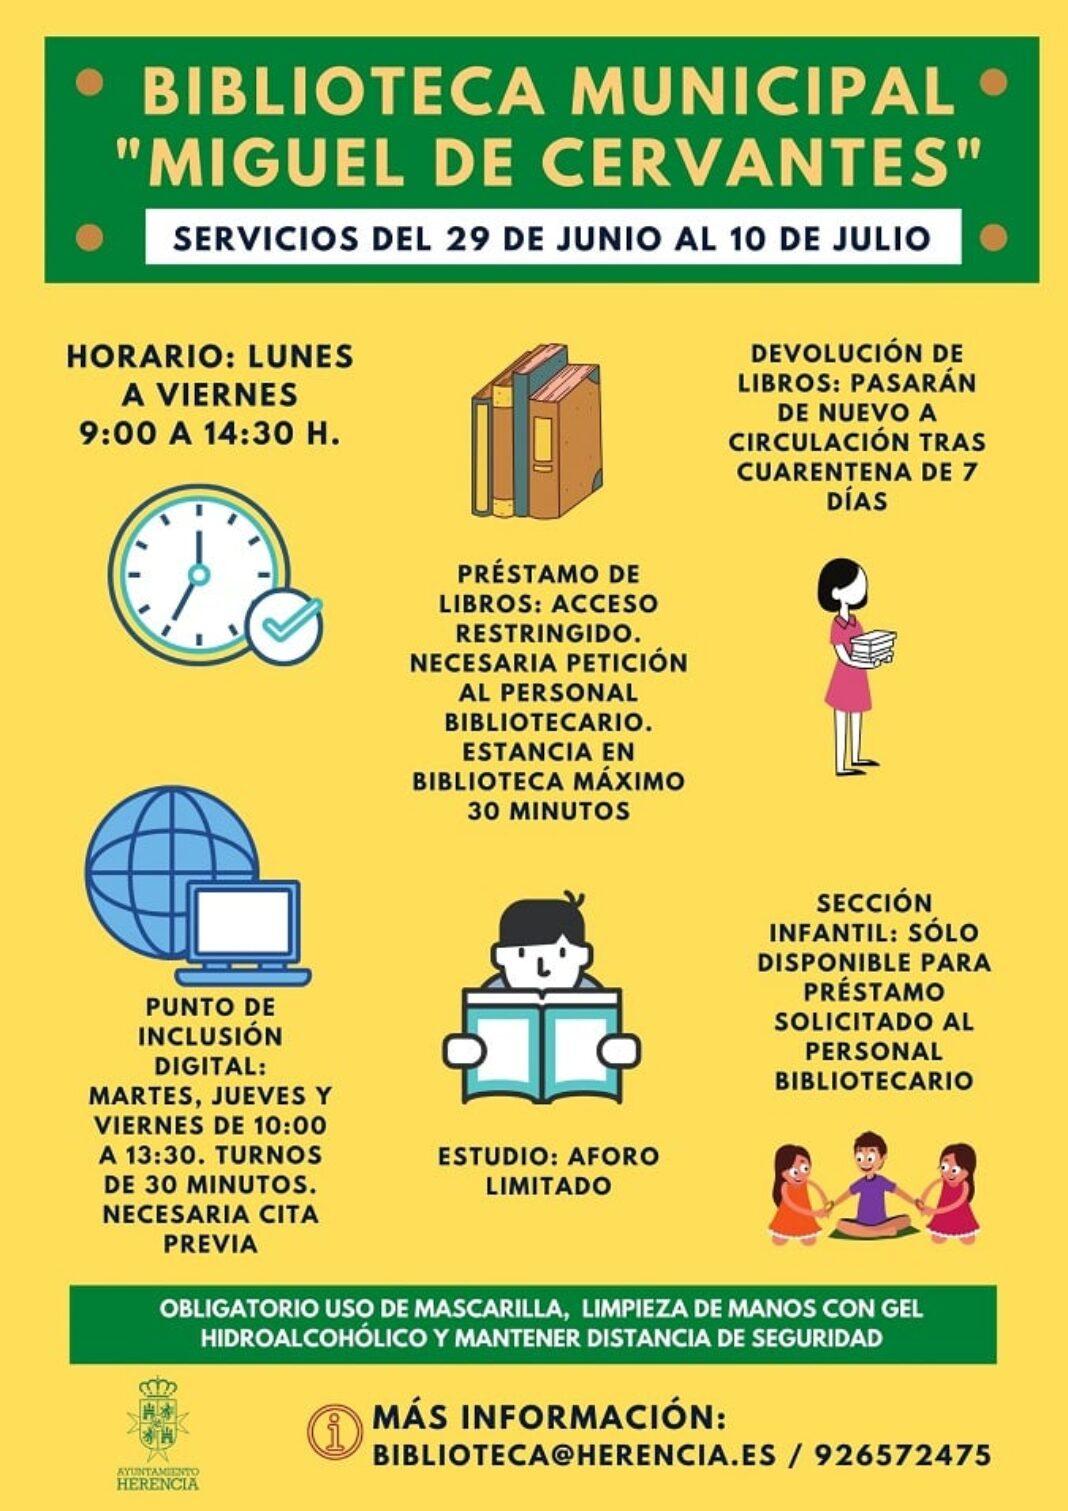 Cartel Fase 3 biblioteca municipal 1068x1511 - Ampliación de servicios en la Biblioteca Municipal a partir del 29 de junio y cambio de horario de verano